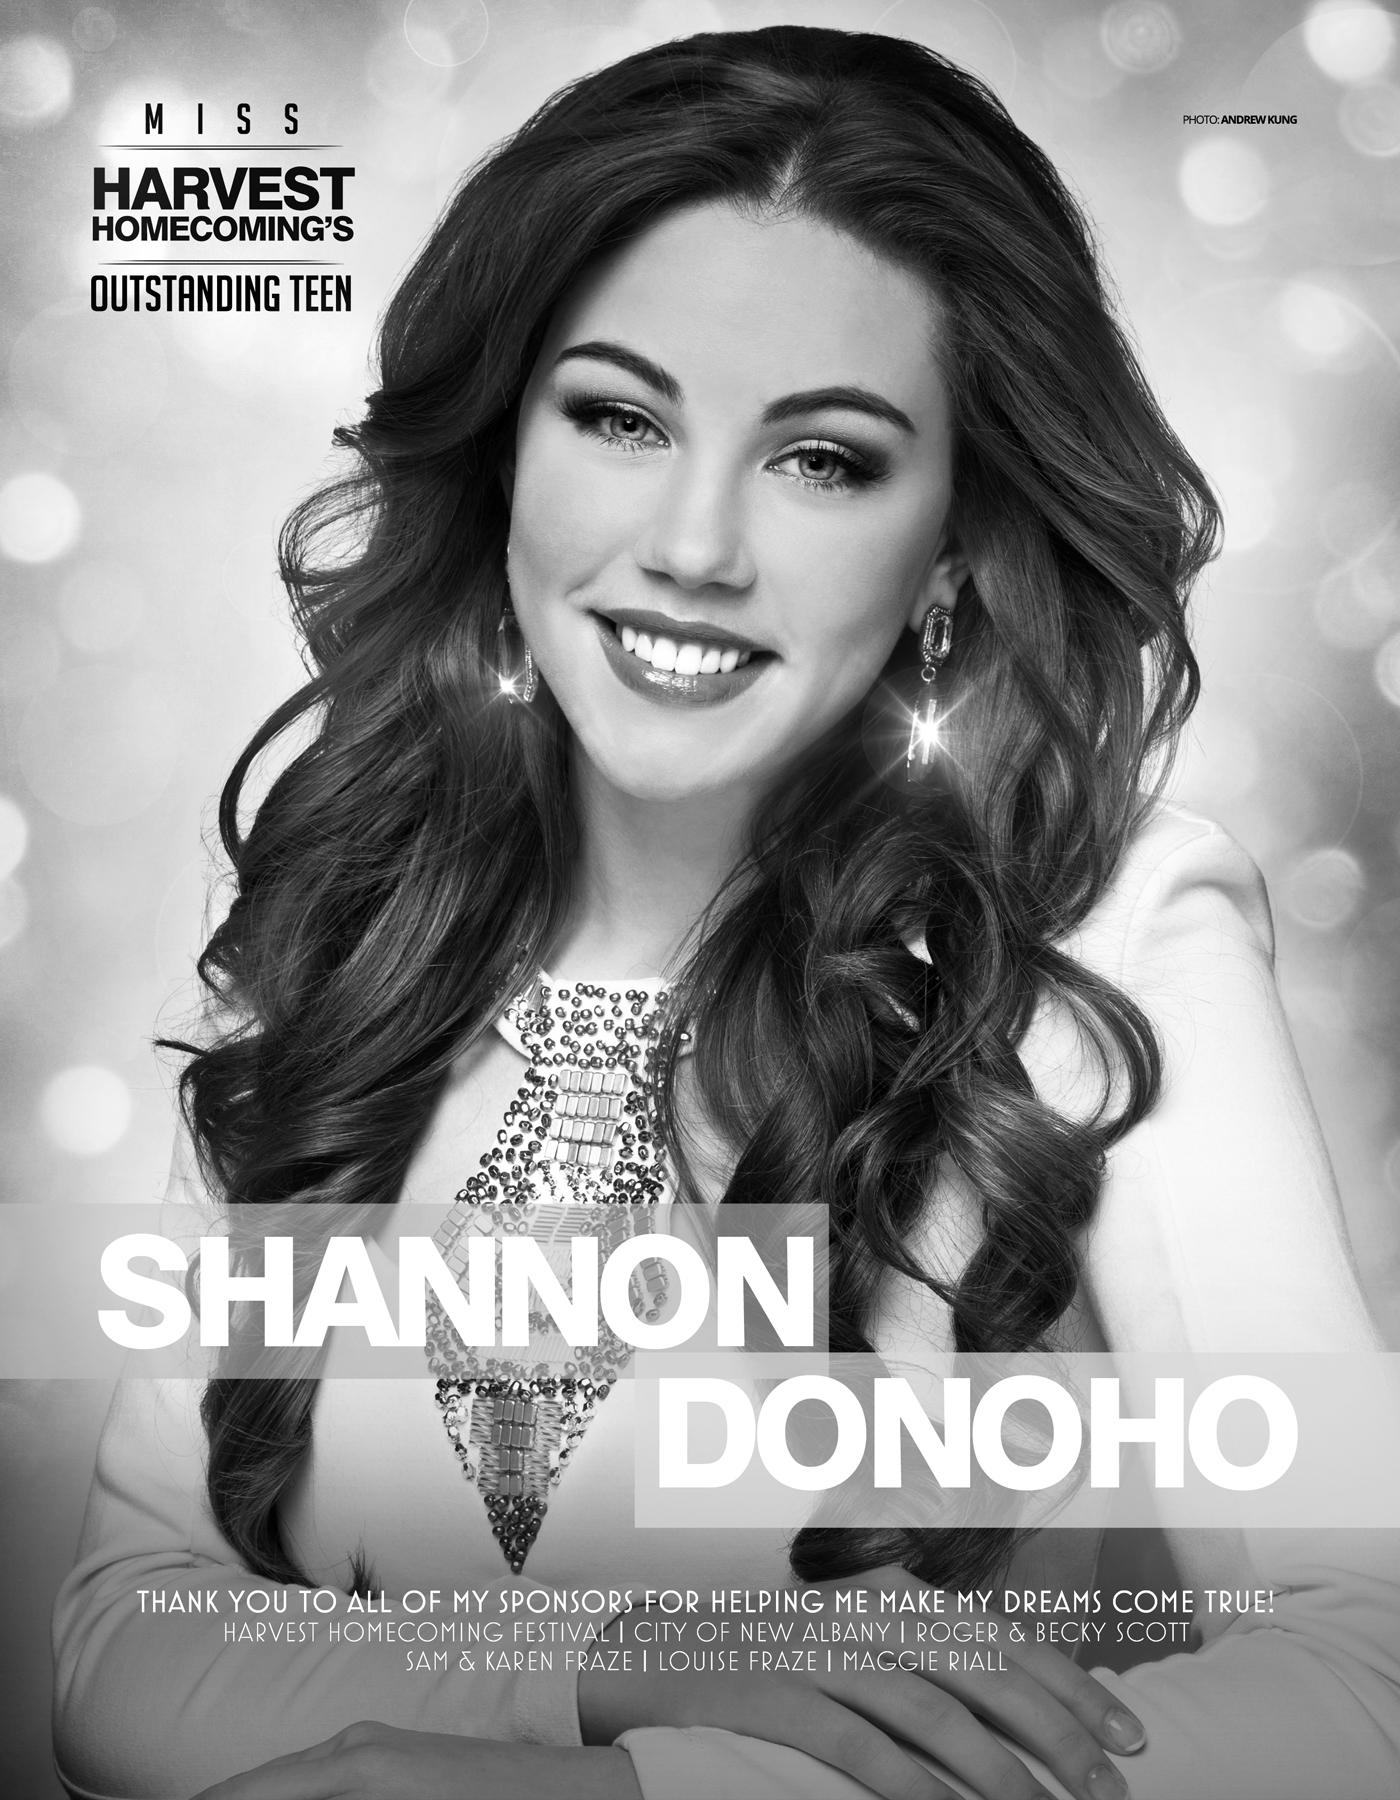 Shannon Donoho